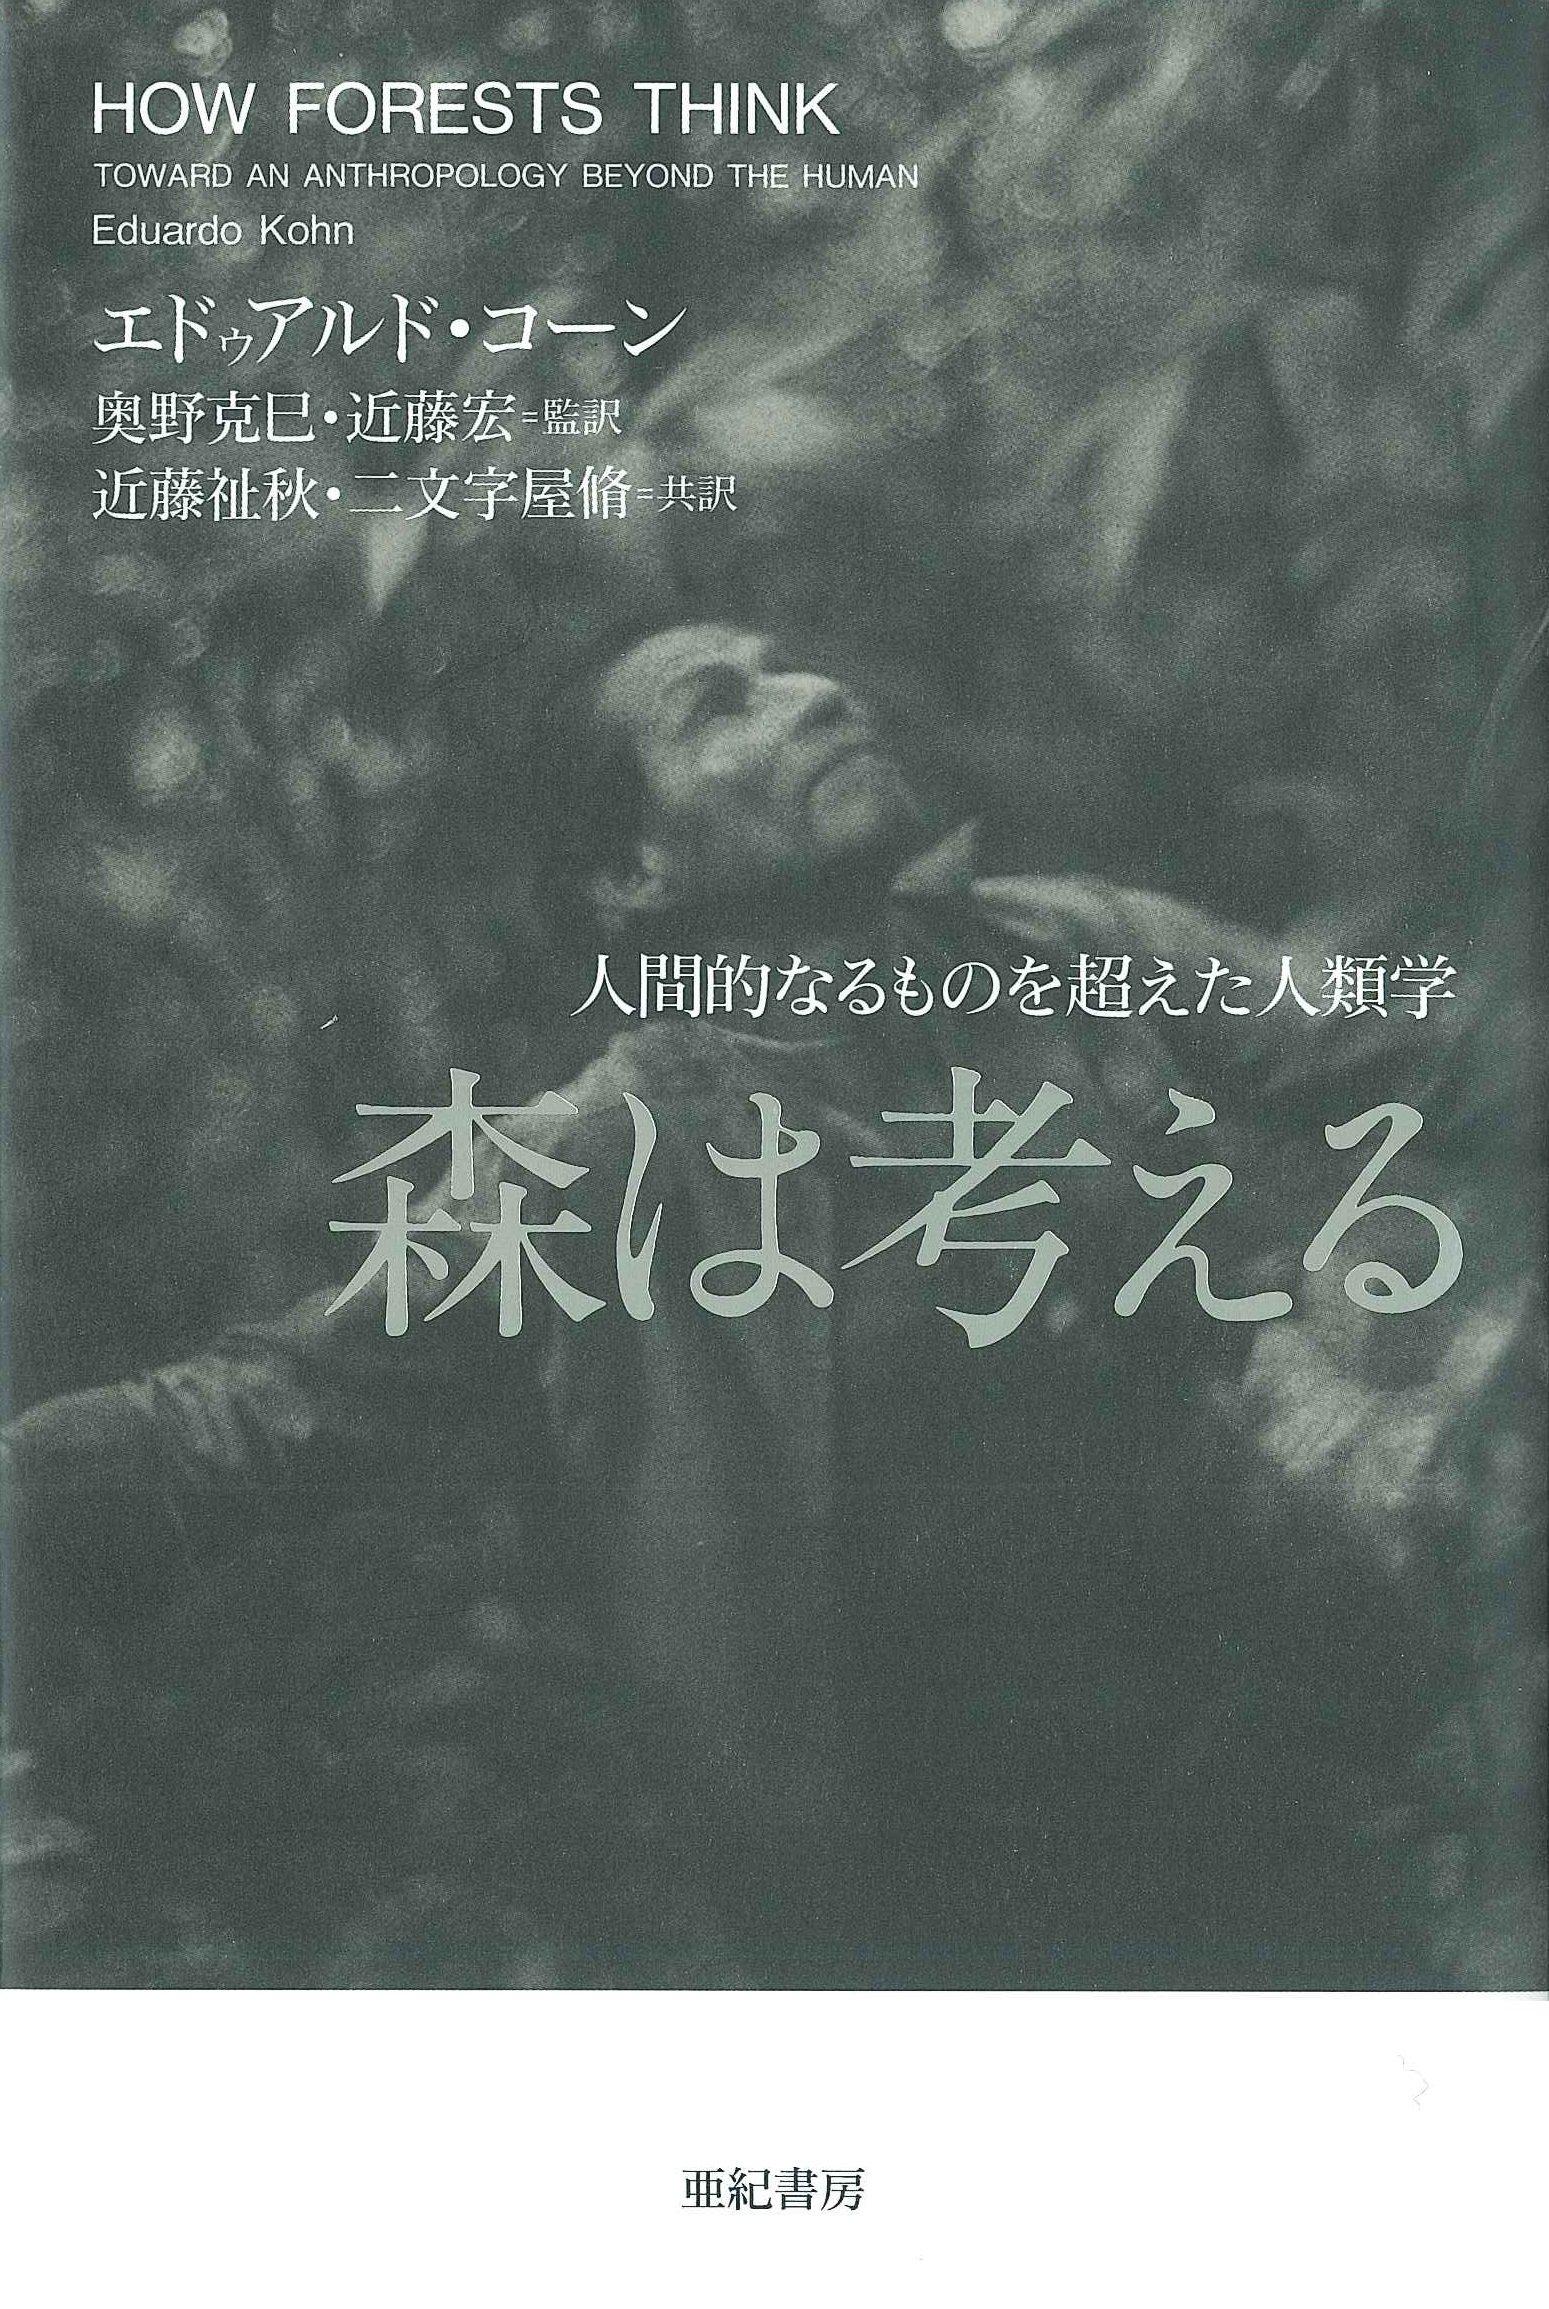 『森は考える』書影